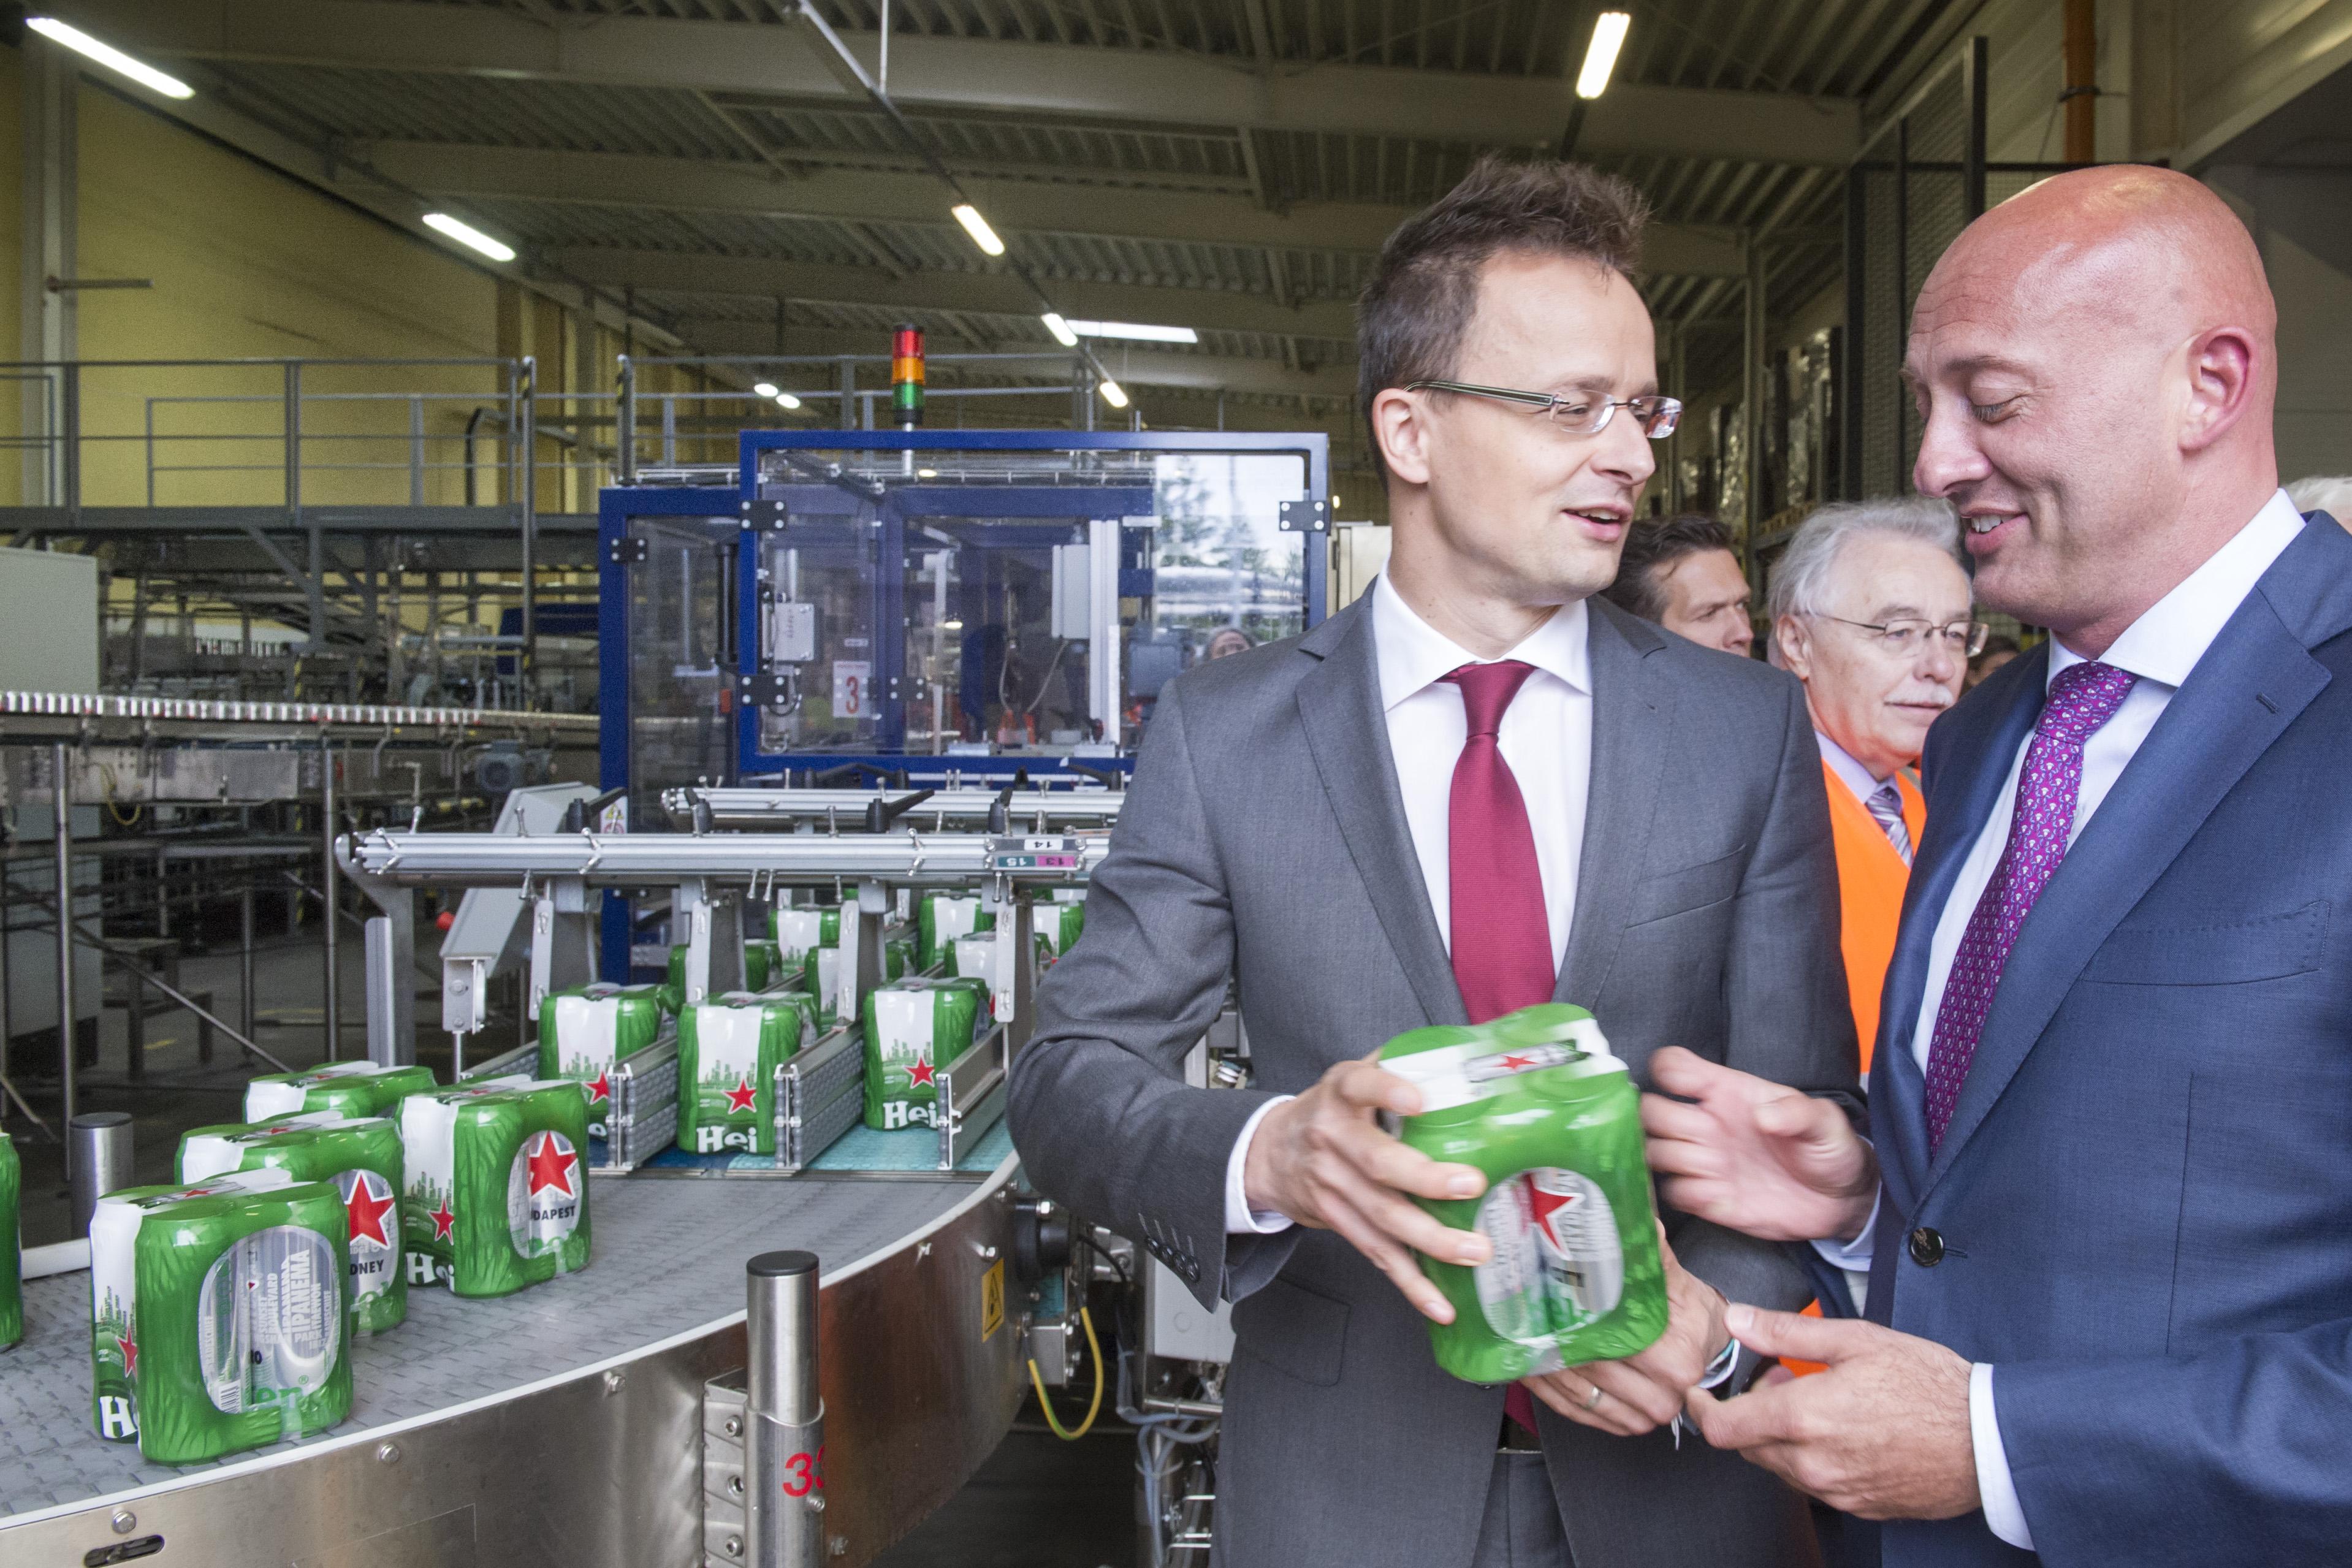 Eddig valamiért nem zavarta a kormányt a stratégiai partner Heineken vörös csillaga